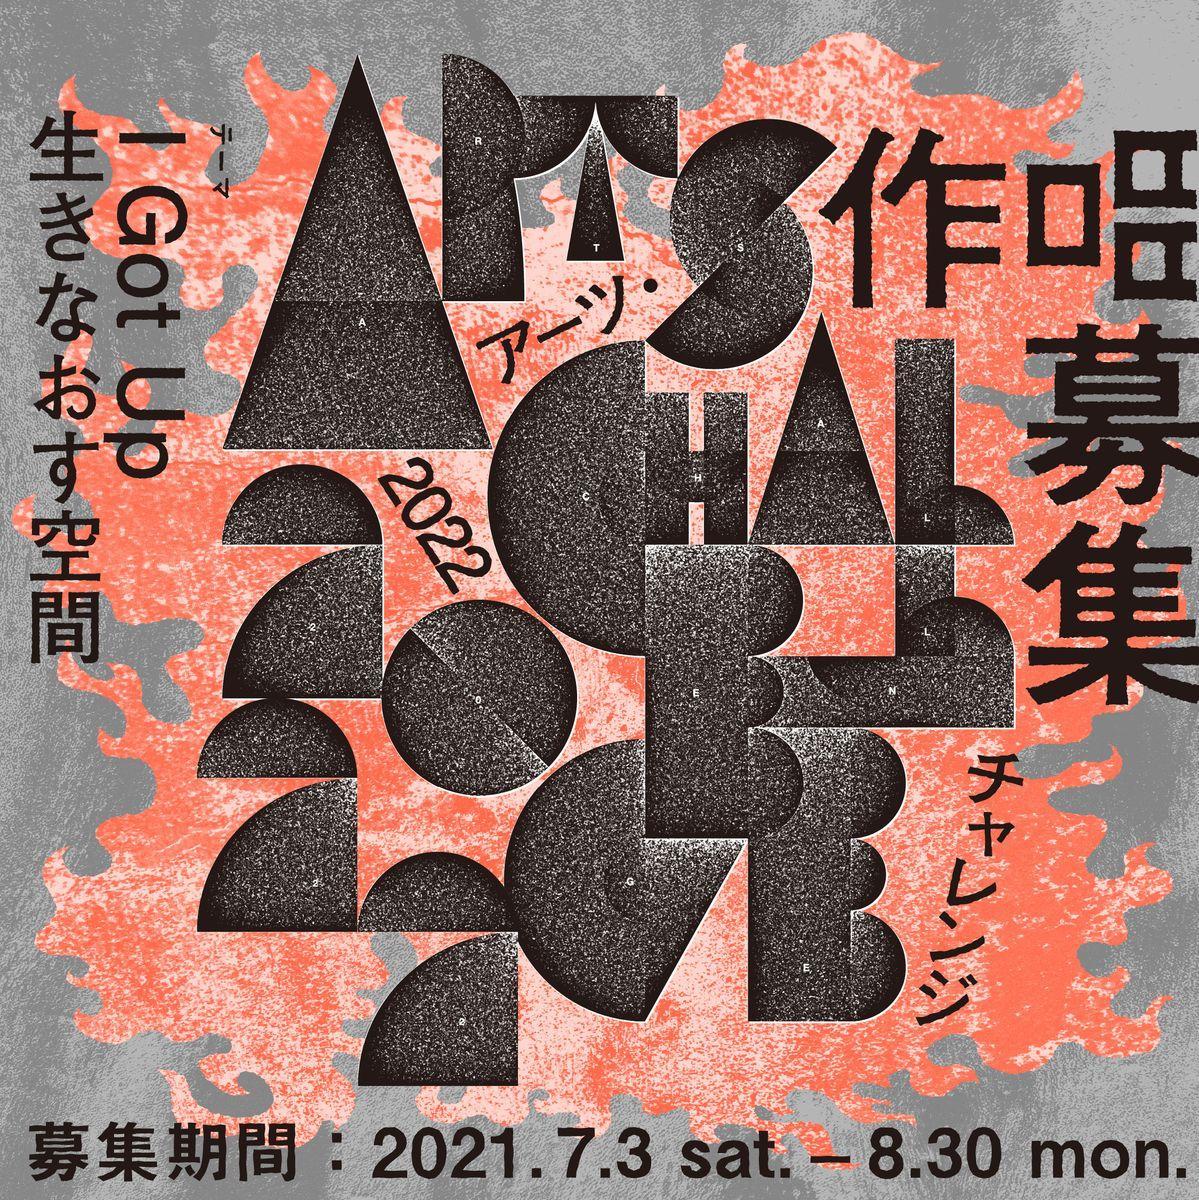 公募展「ARTS CHALLENGE 2022」が募集内容を発表。国際芸術祭「あいち2022」と連動